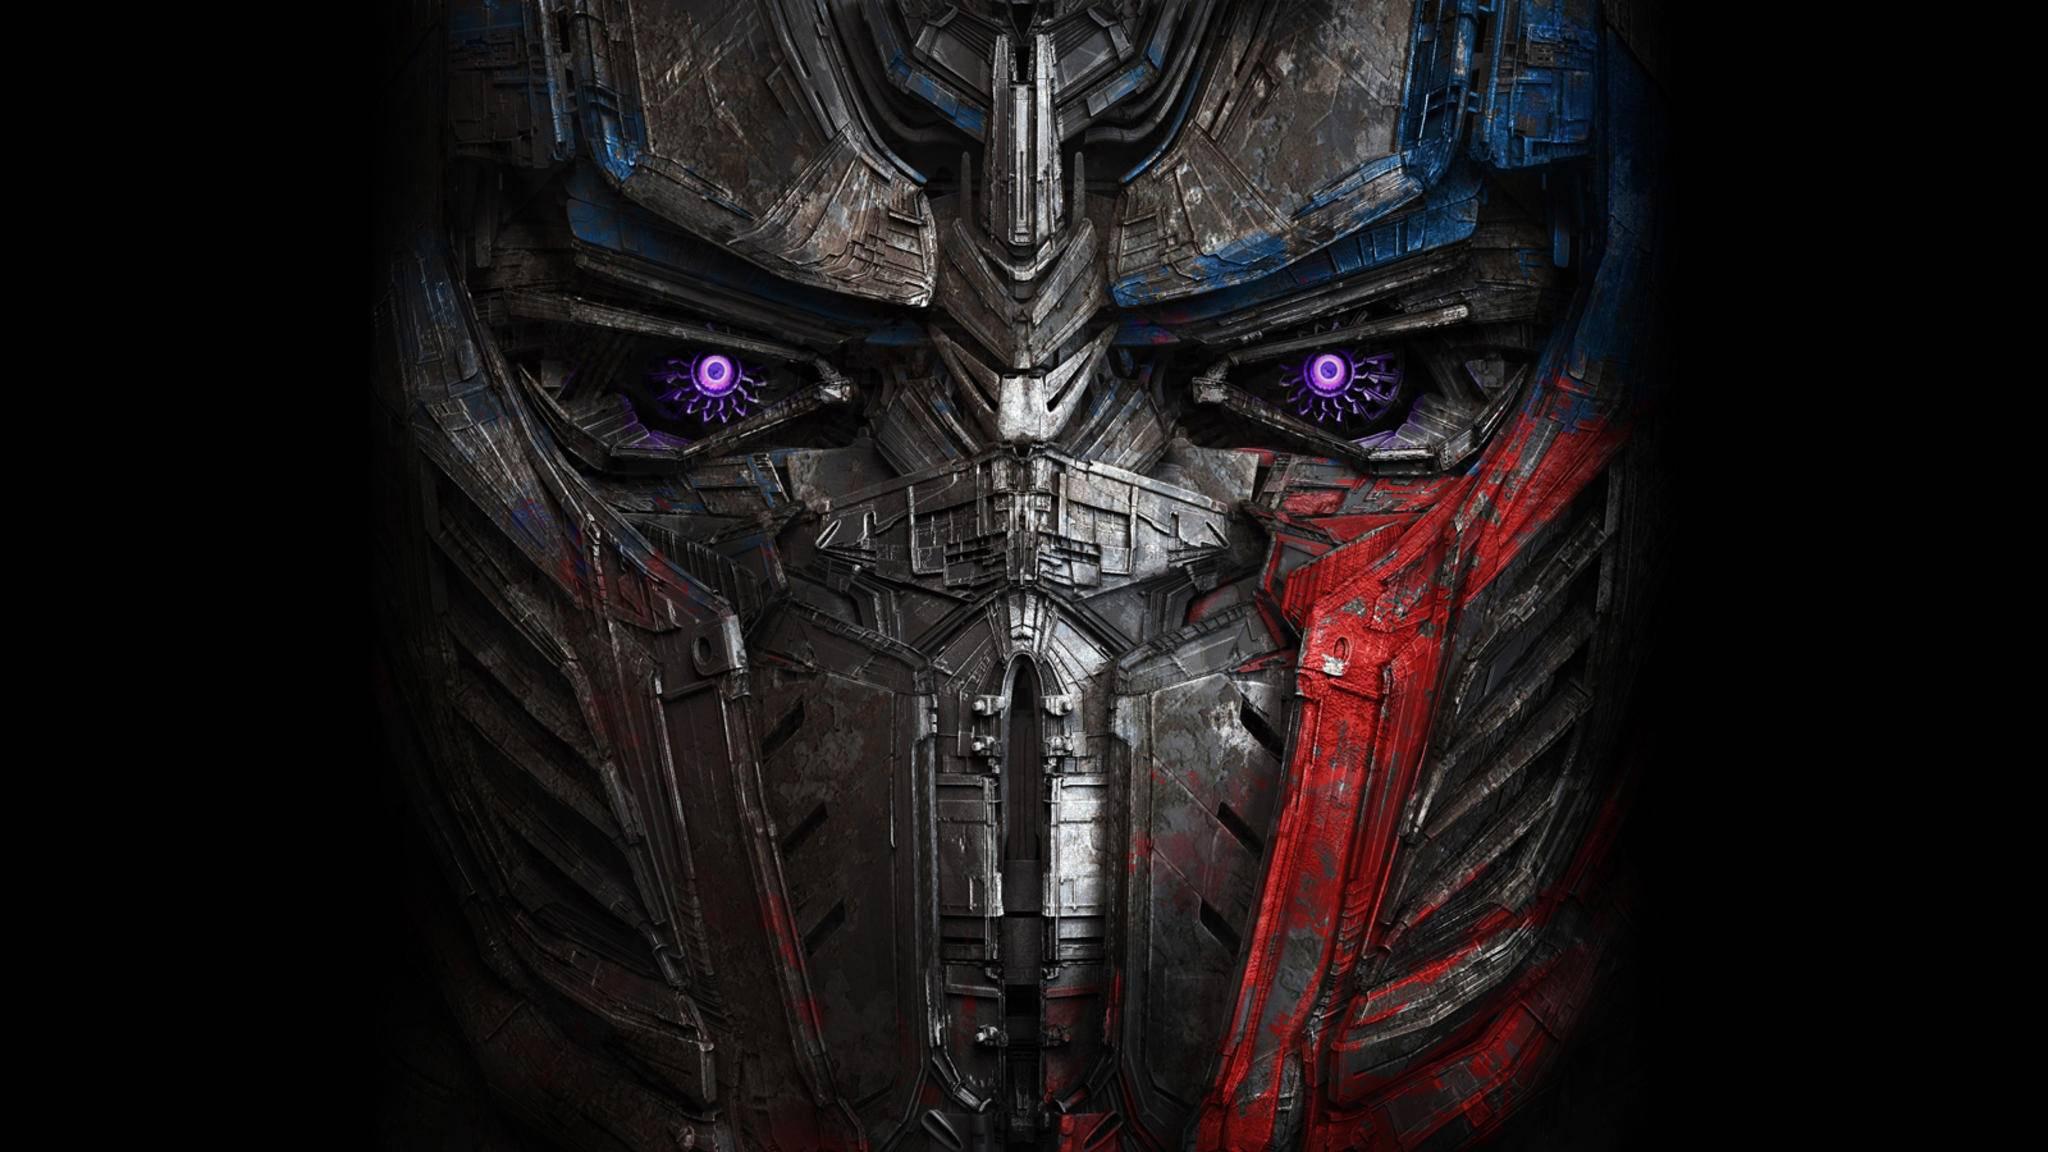 Erfahren wir bald mehr über die Origin-Story von Optimus Prime?